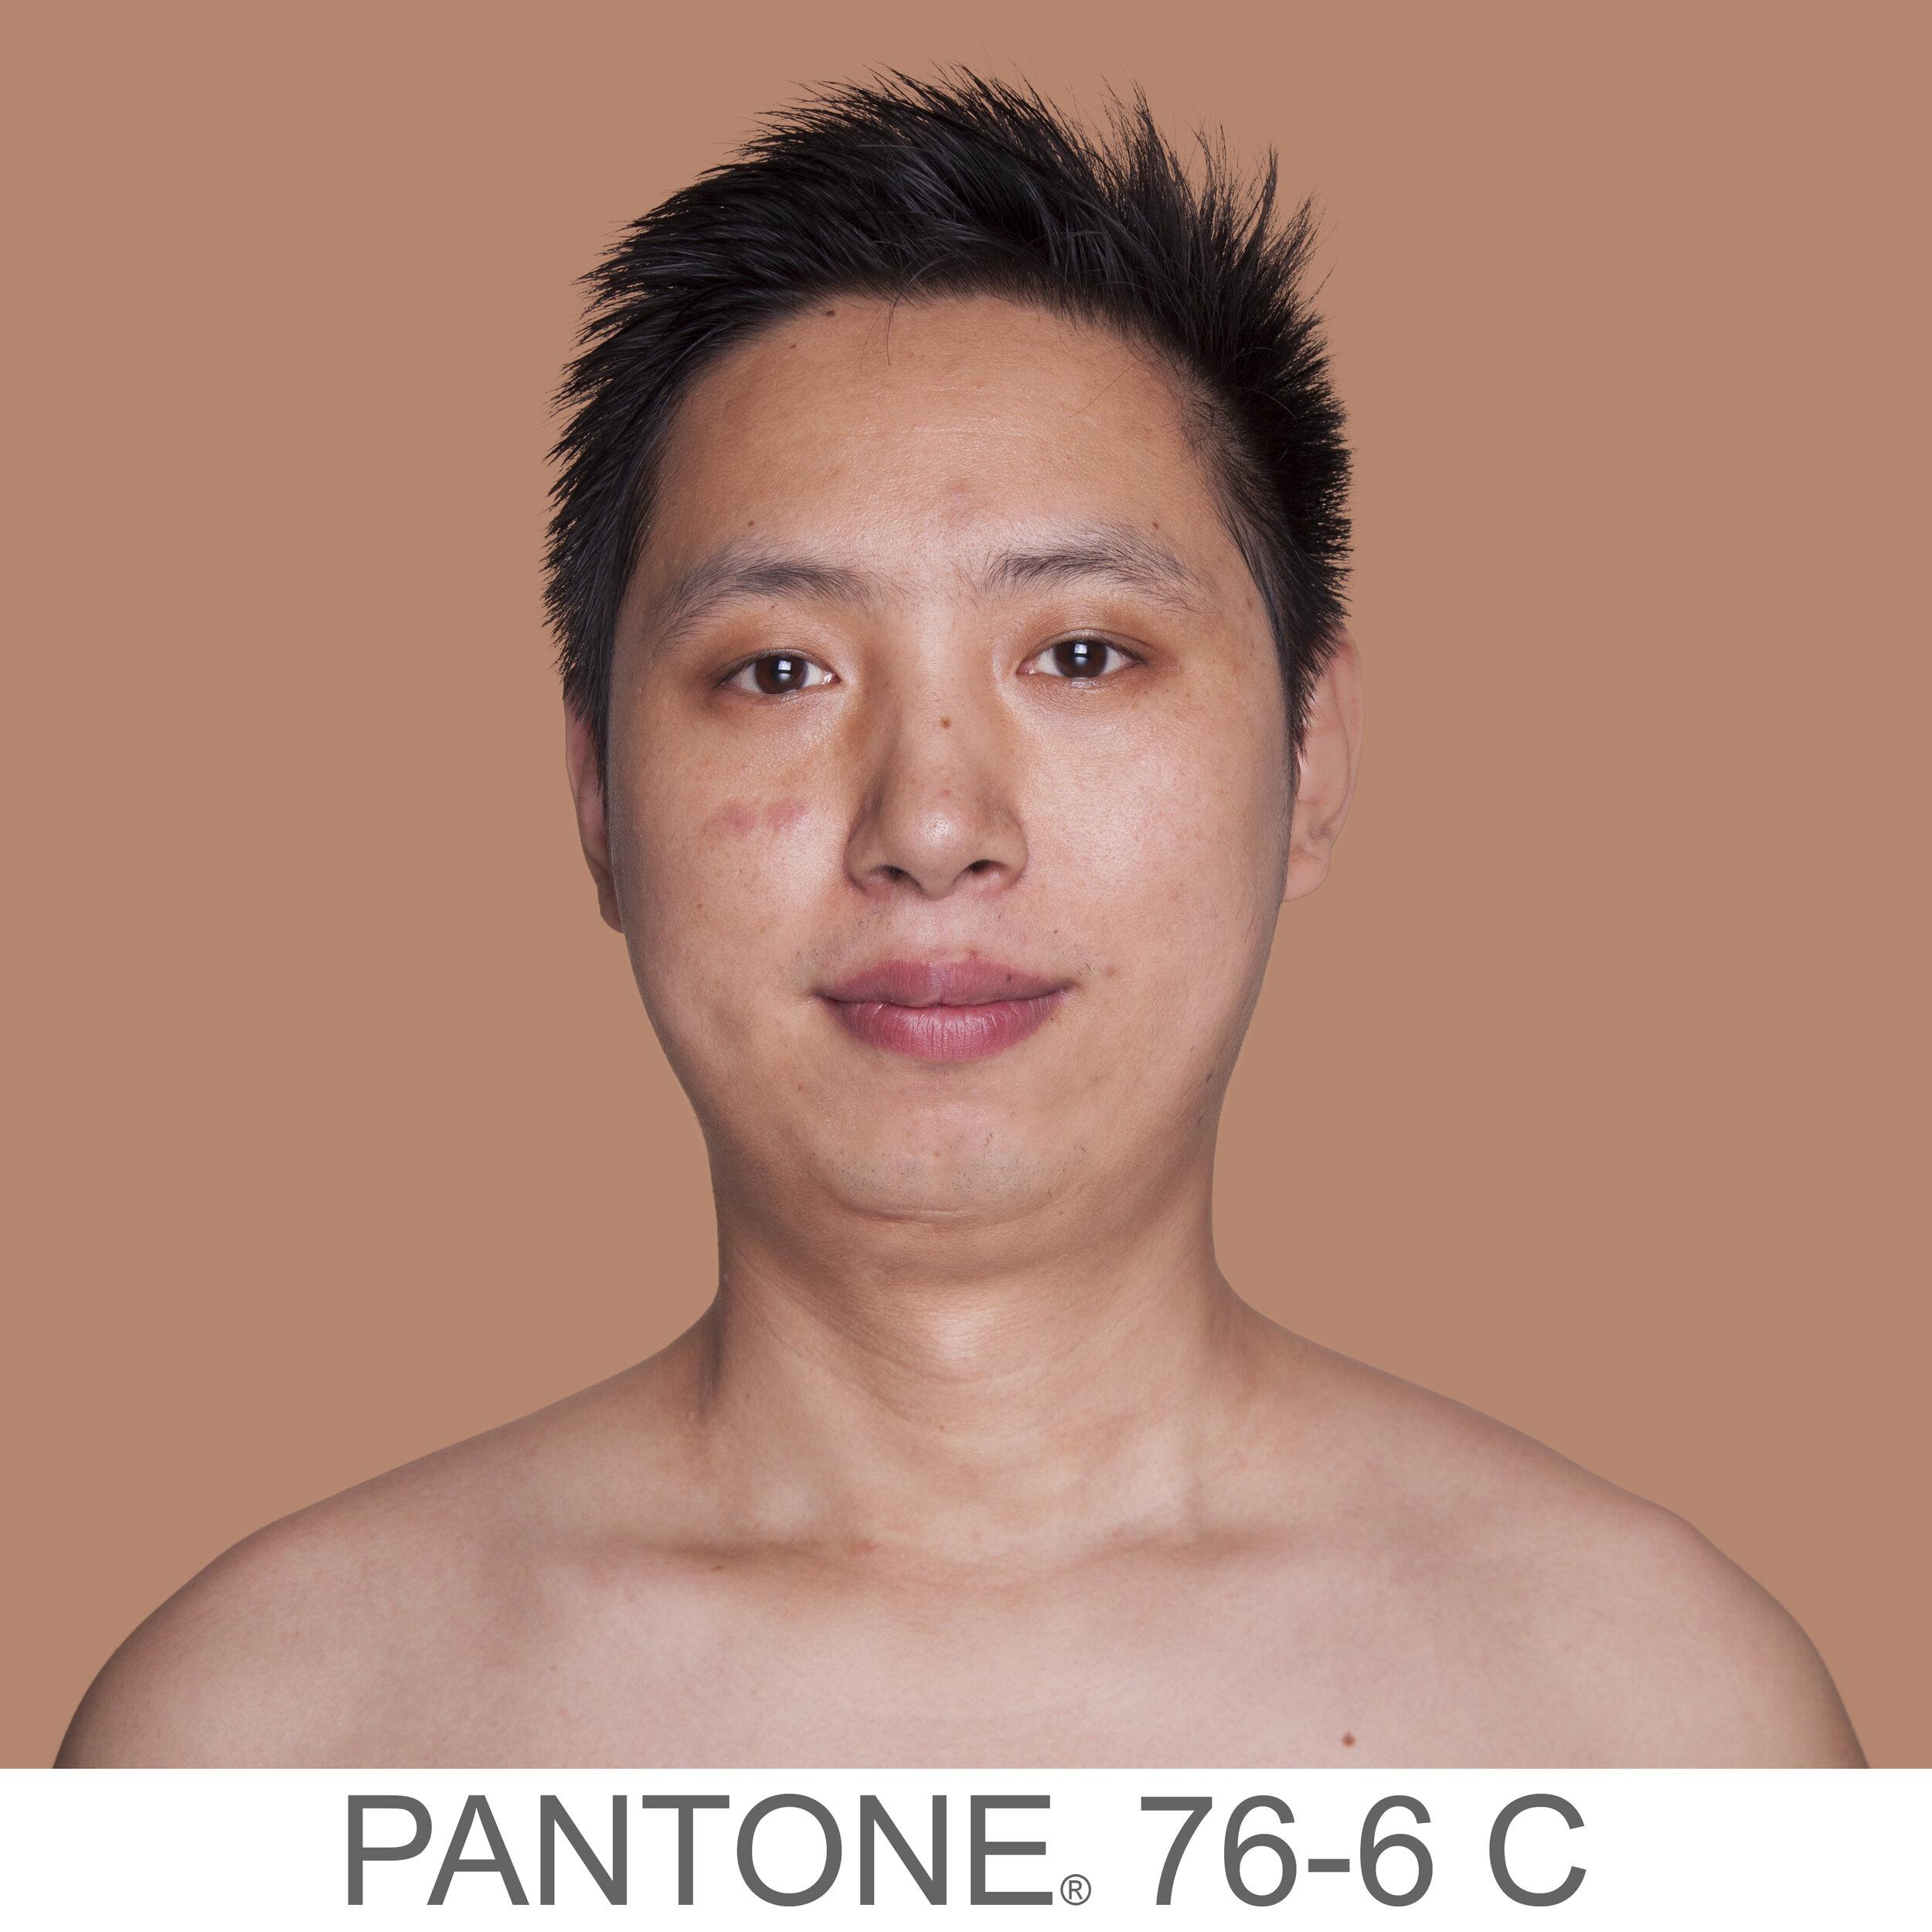 humanae 76-6 C CN copia.jpg